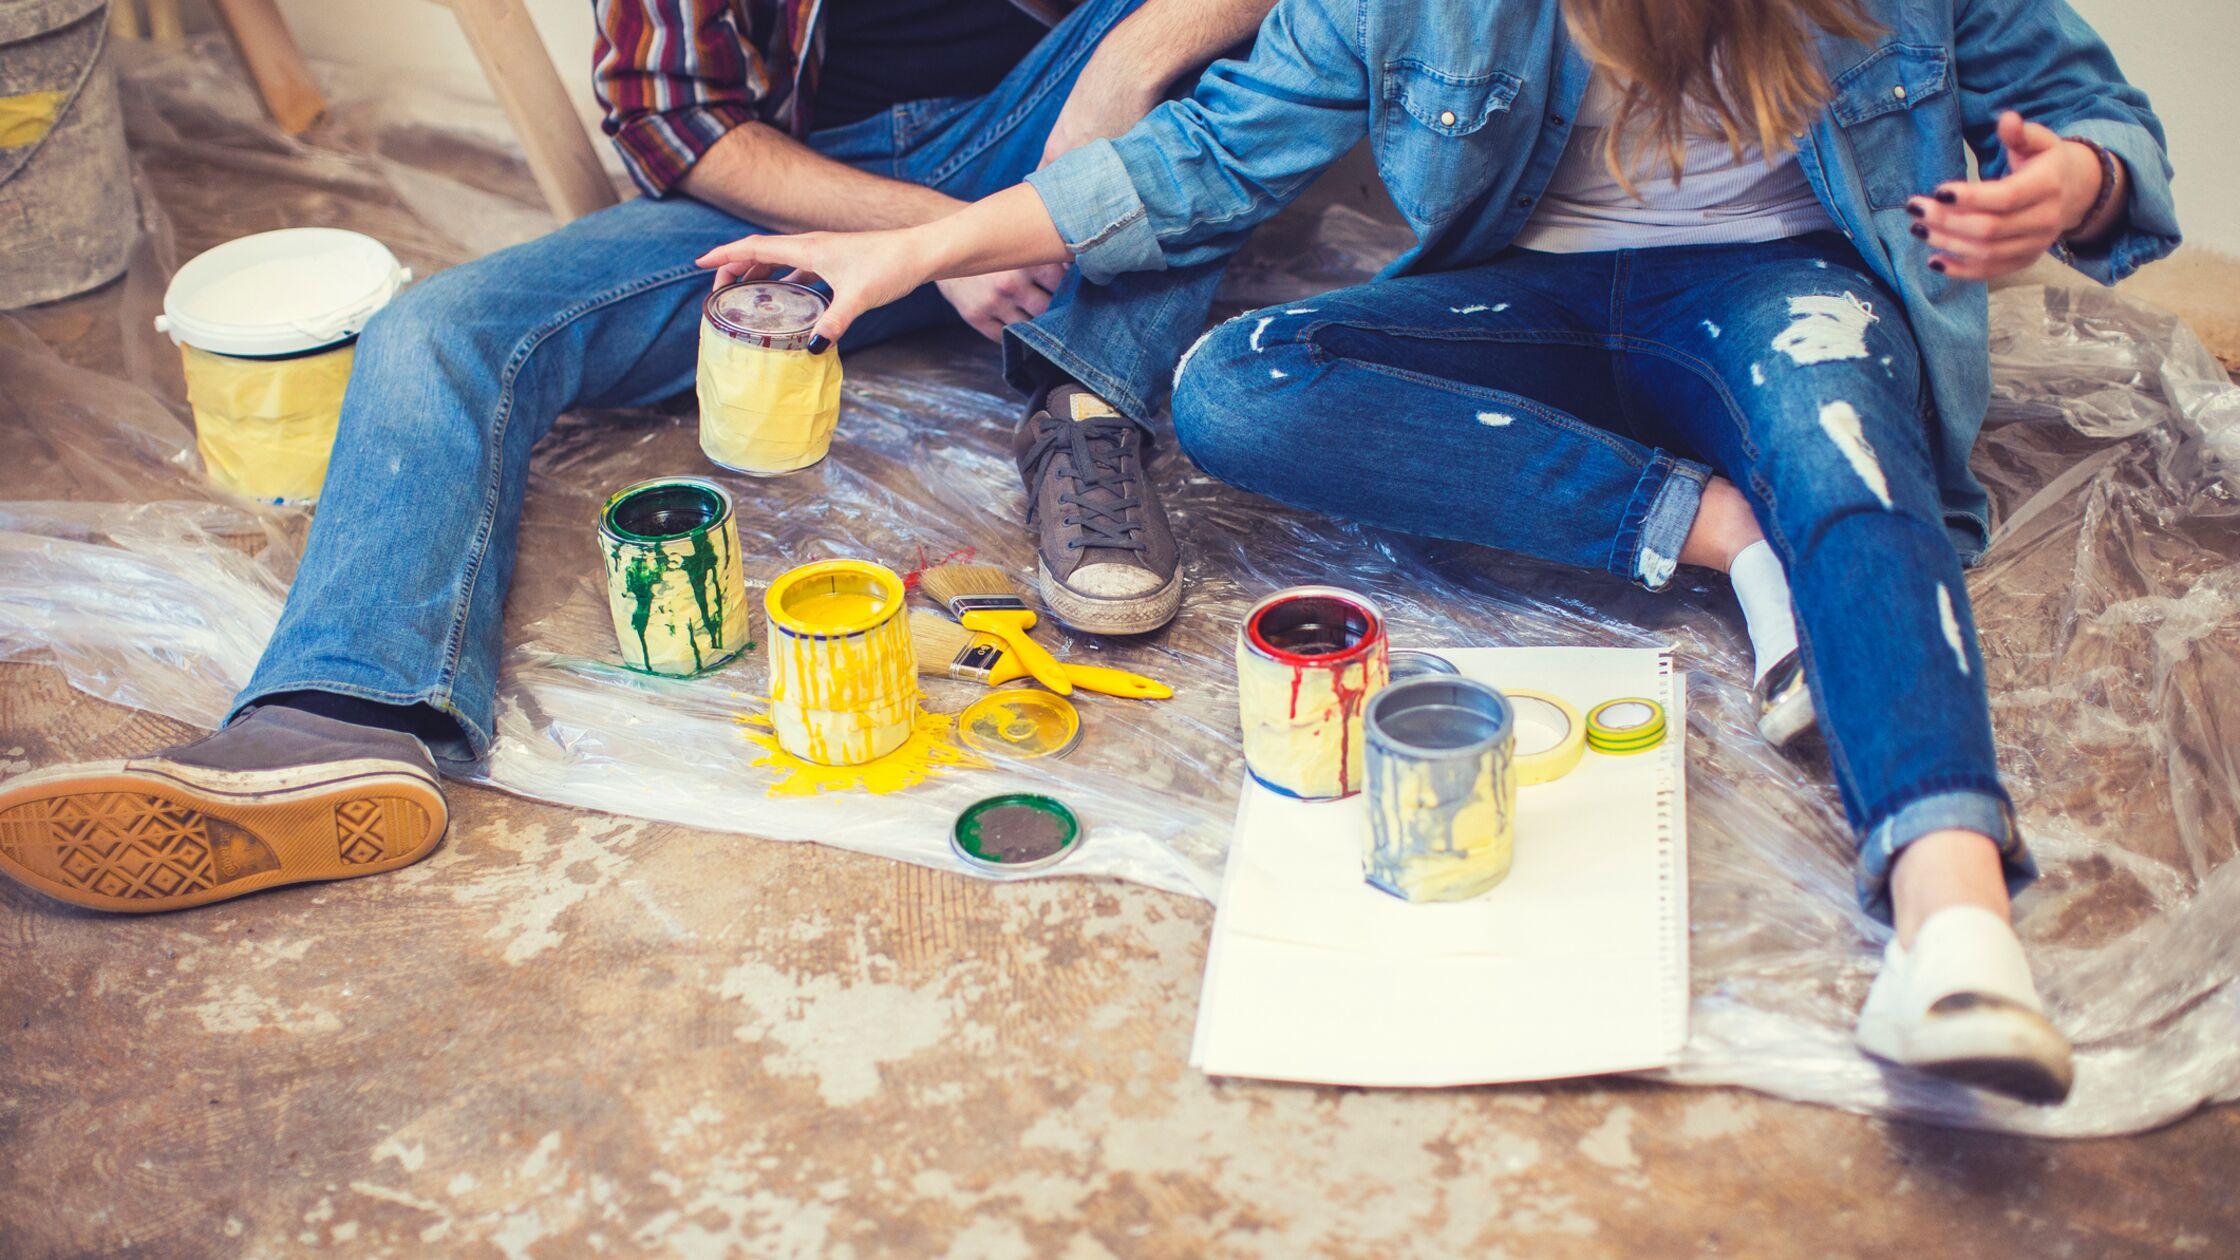 Junges Paar sitzt auf dem Boden zwischen leeren Farbeimern und Farbdosen